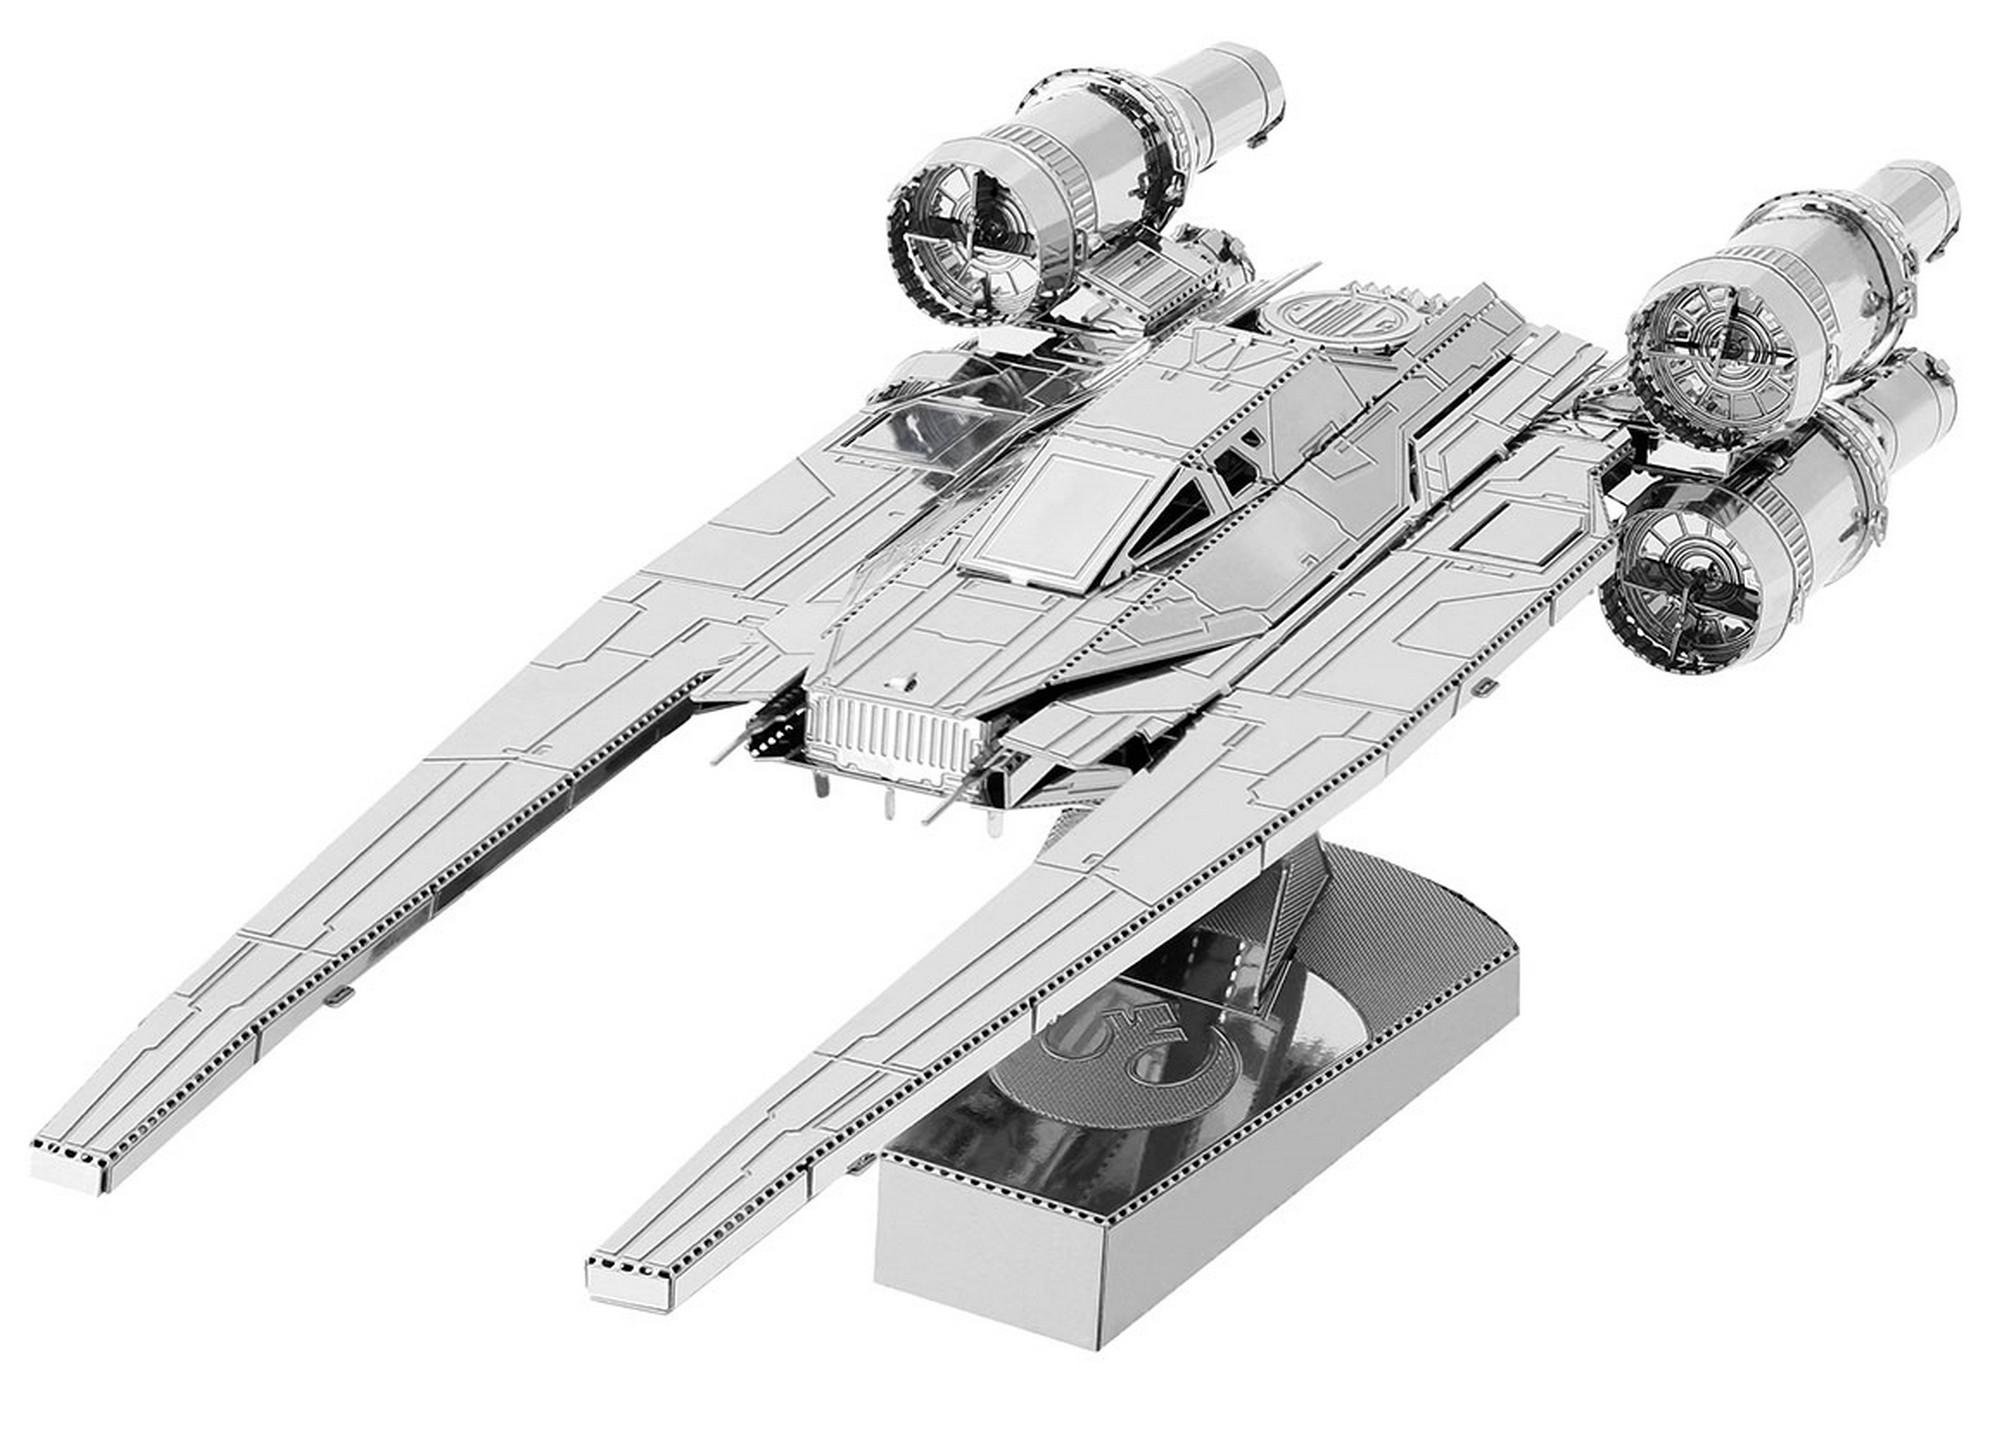 Rogue One UT-60D U-Wing Starfighter 3D Metal Model Kit ~ Disney Star Wars © Dizdude.com